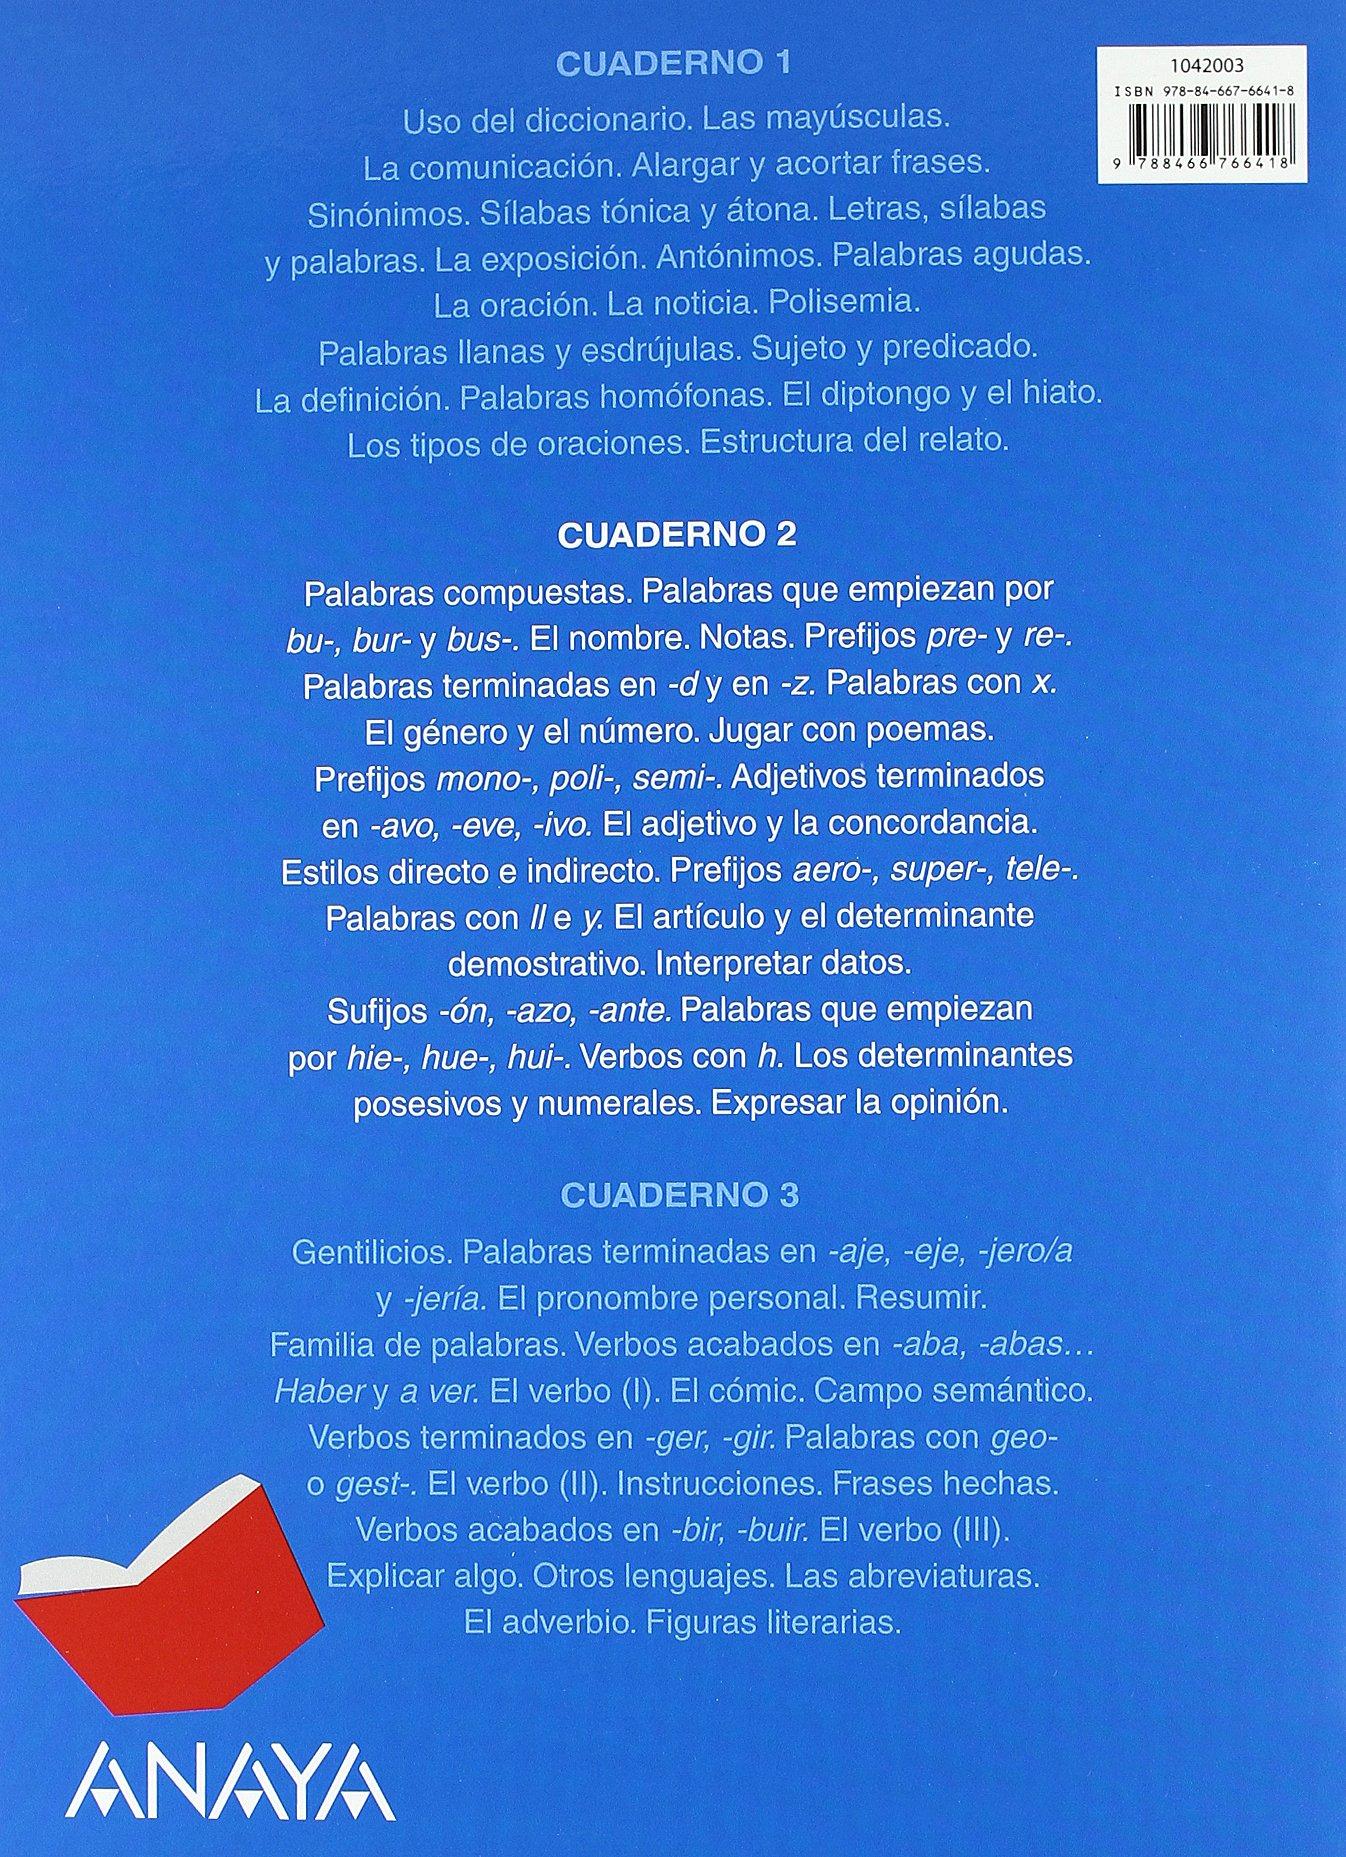 Lengua 4. Cuaderno 2.: María Isabel Fuentes Zaragoza: 9788466766418: Amazon.com: Books